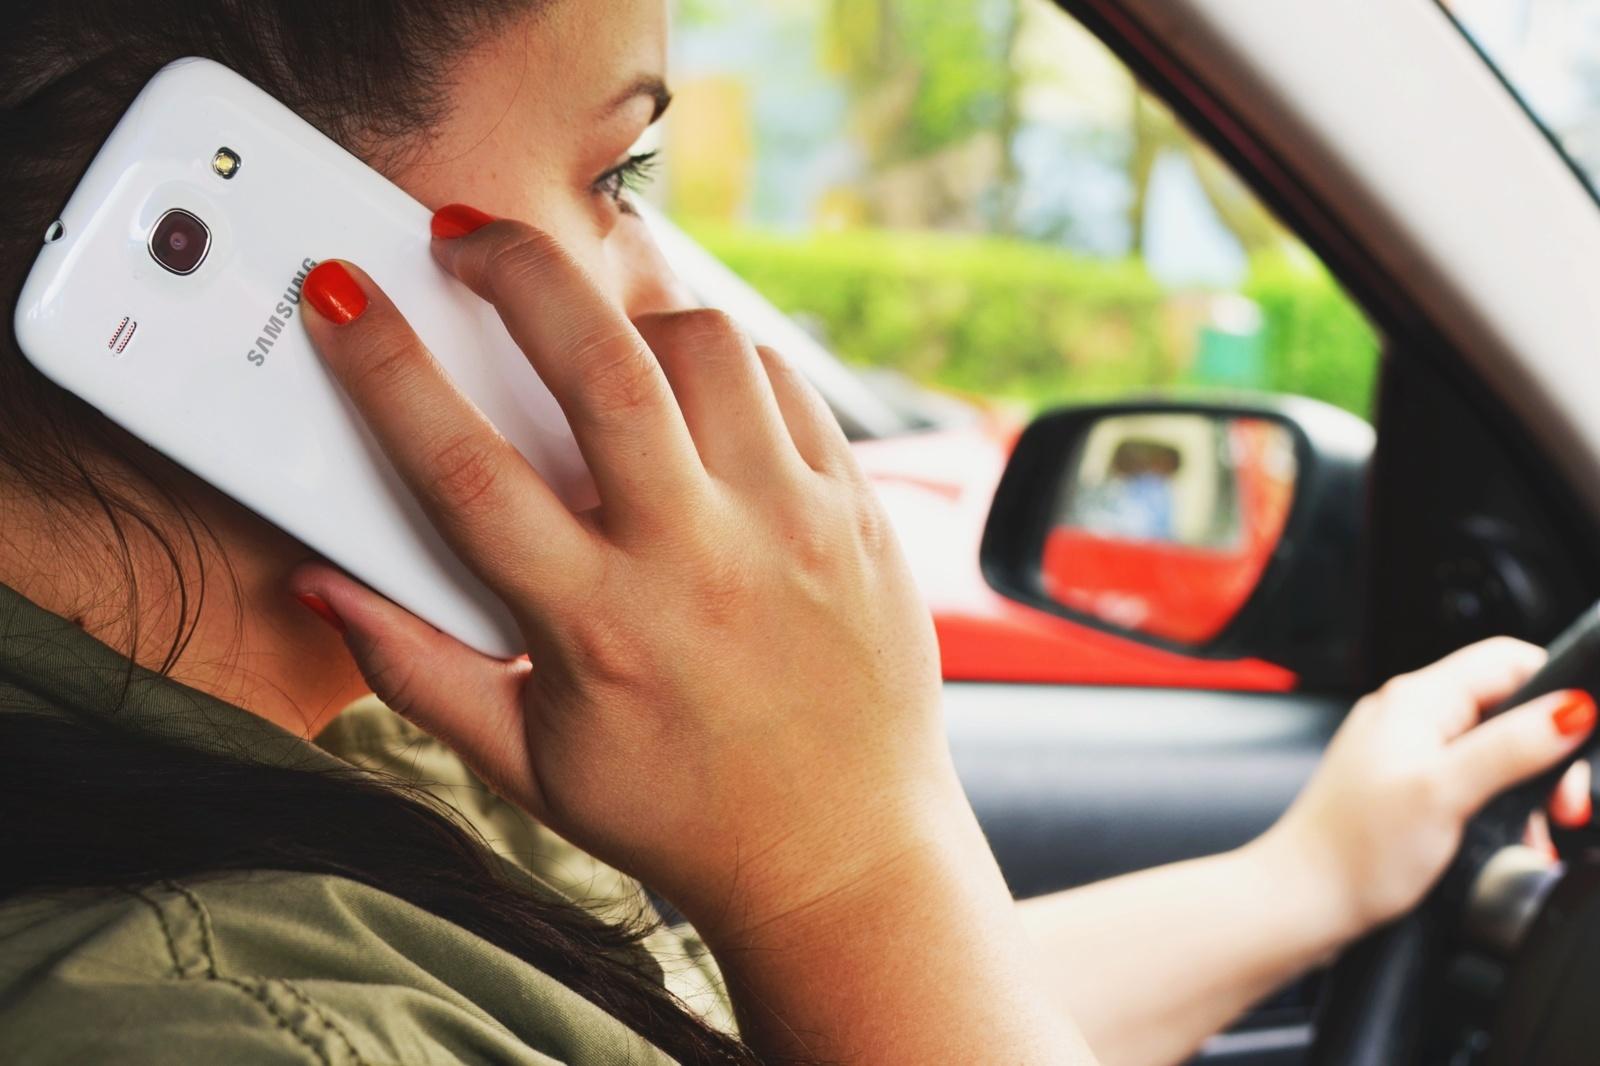 Įprotis naudotis mobiliaisiais telefonais prie vairo kelia grėsmę eismo saugumui, perspėja policija